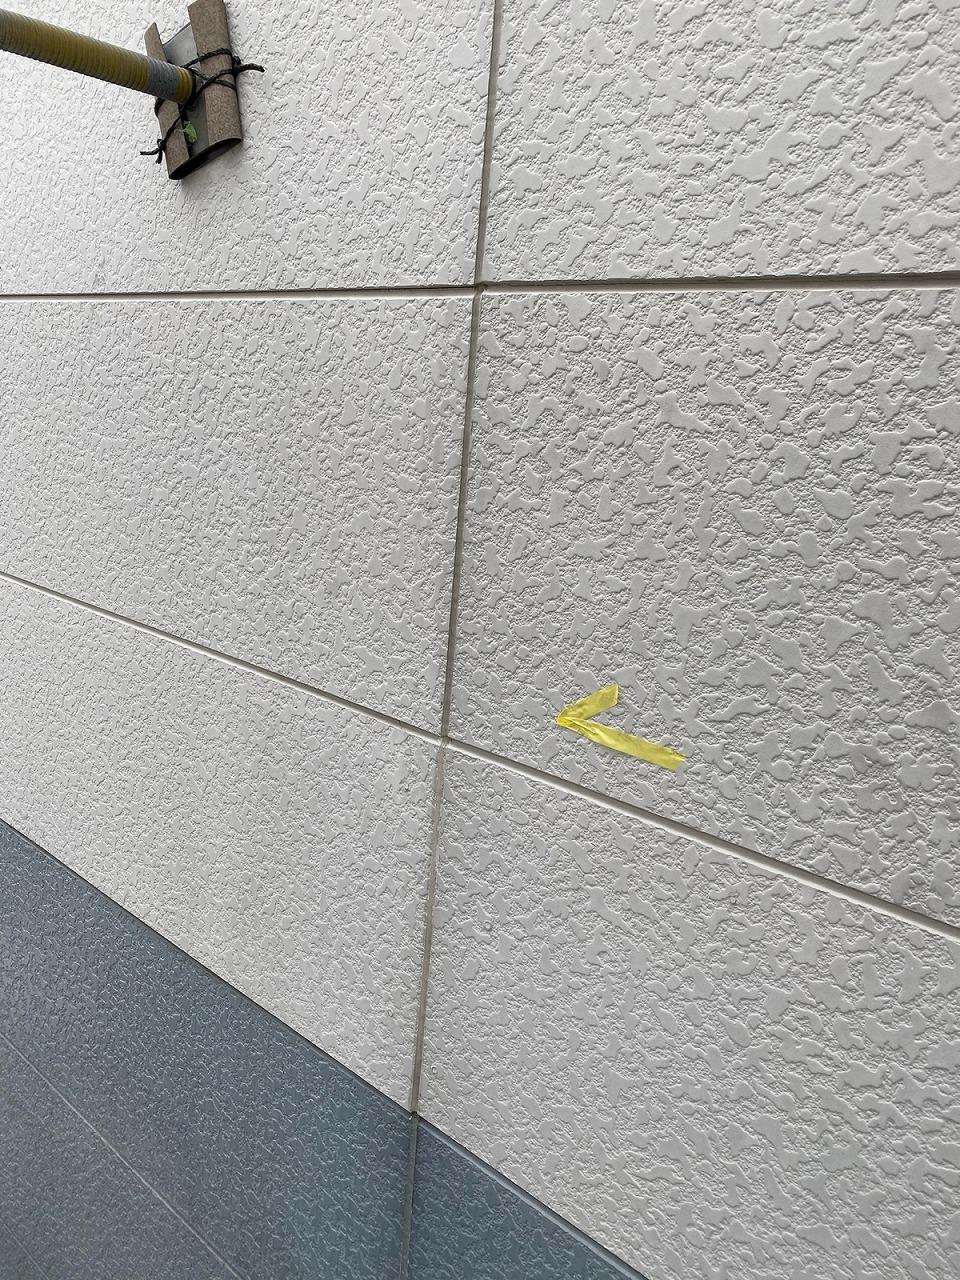 福岡市西区のアパートで外壁コーキン打ち替え